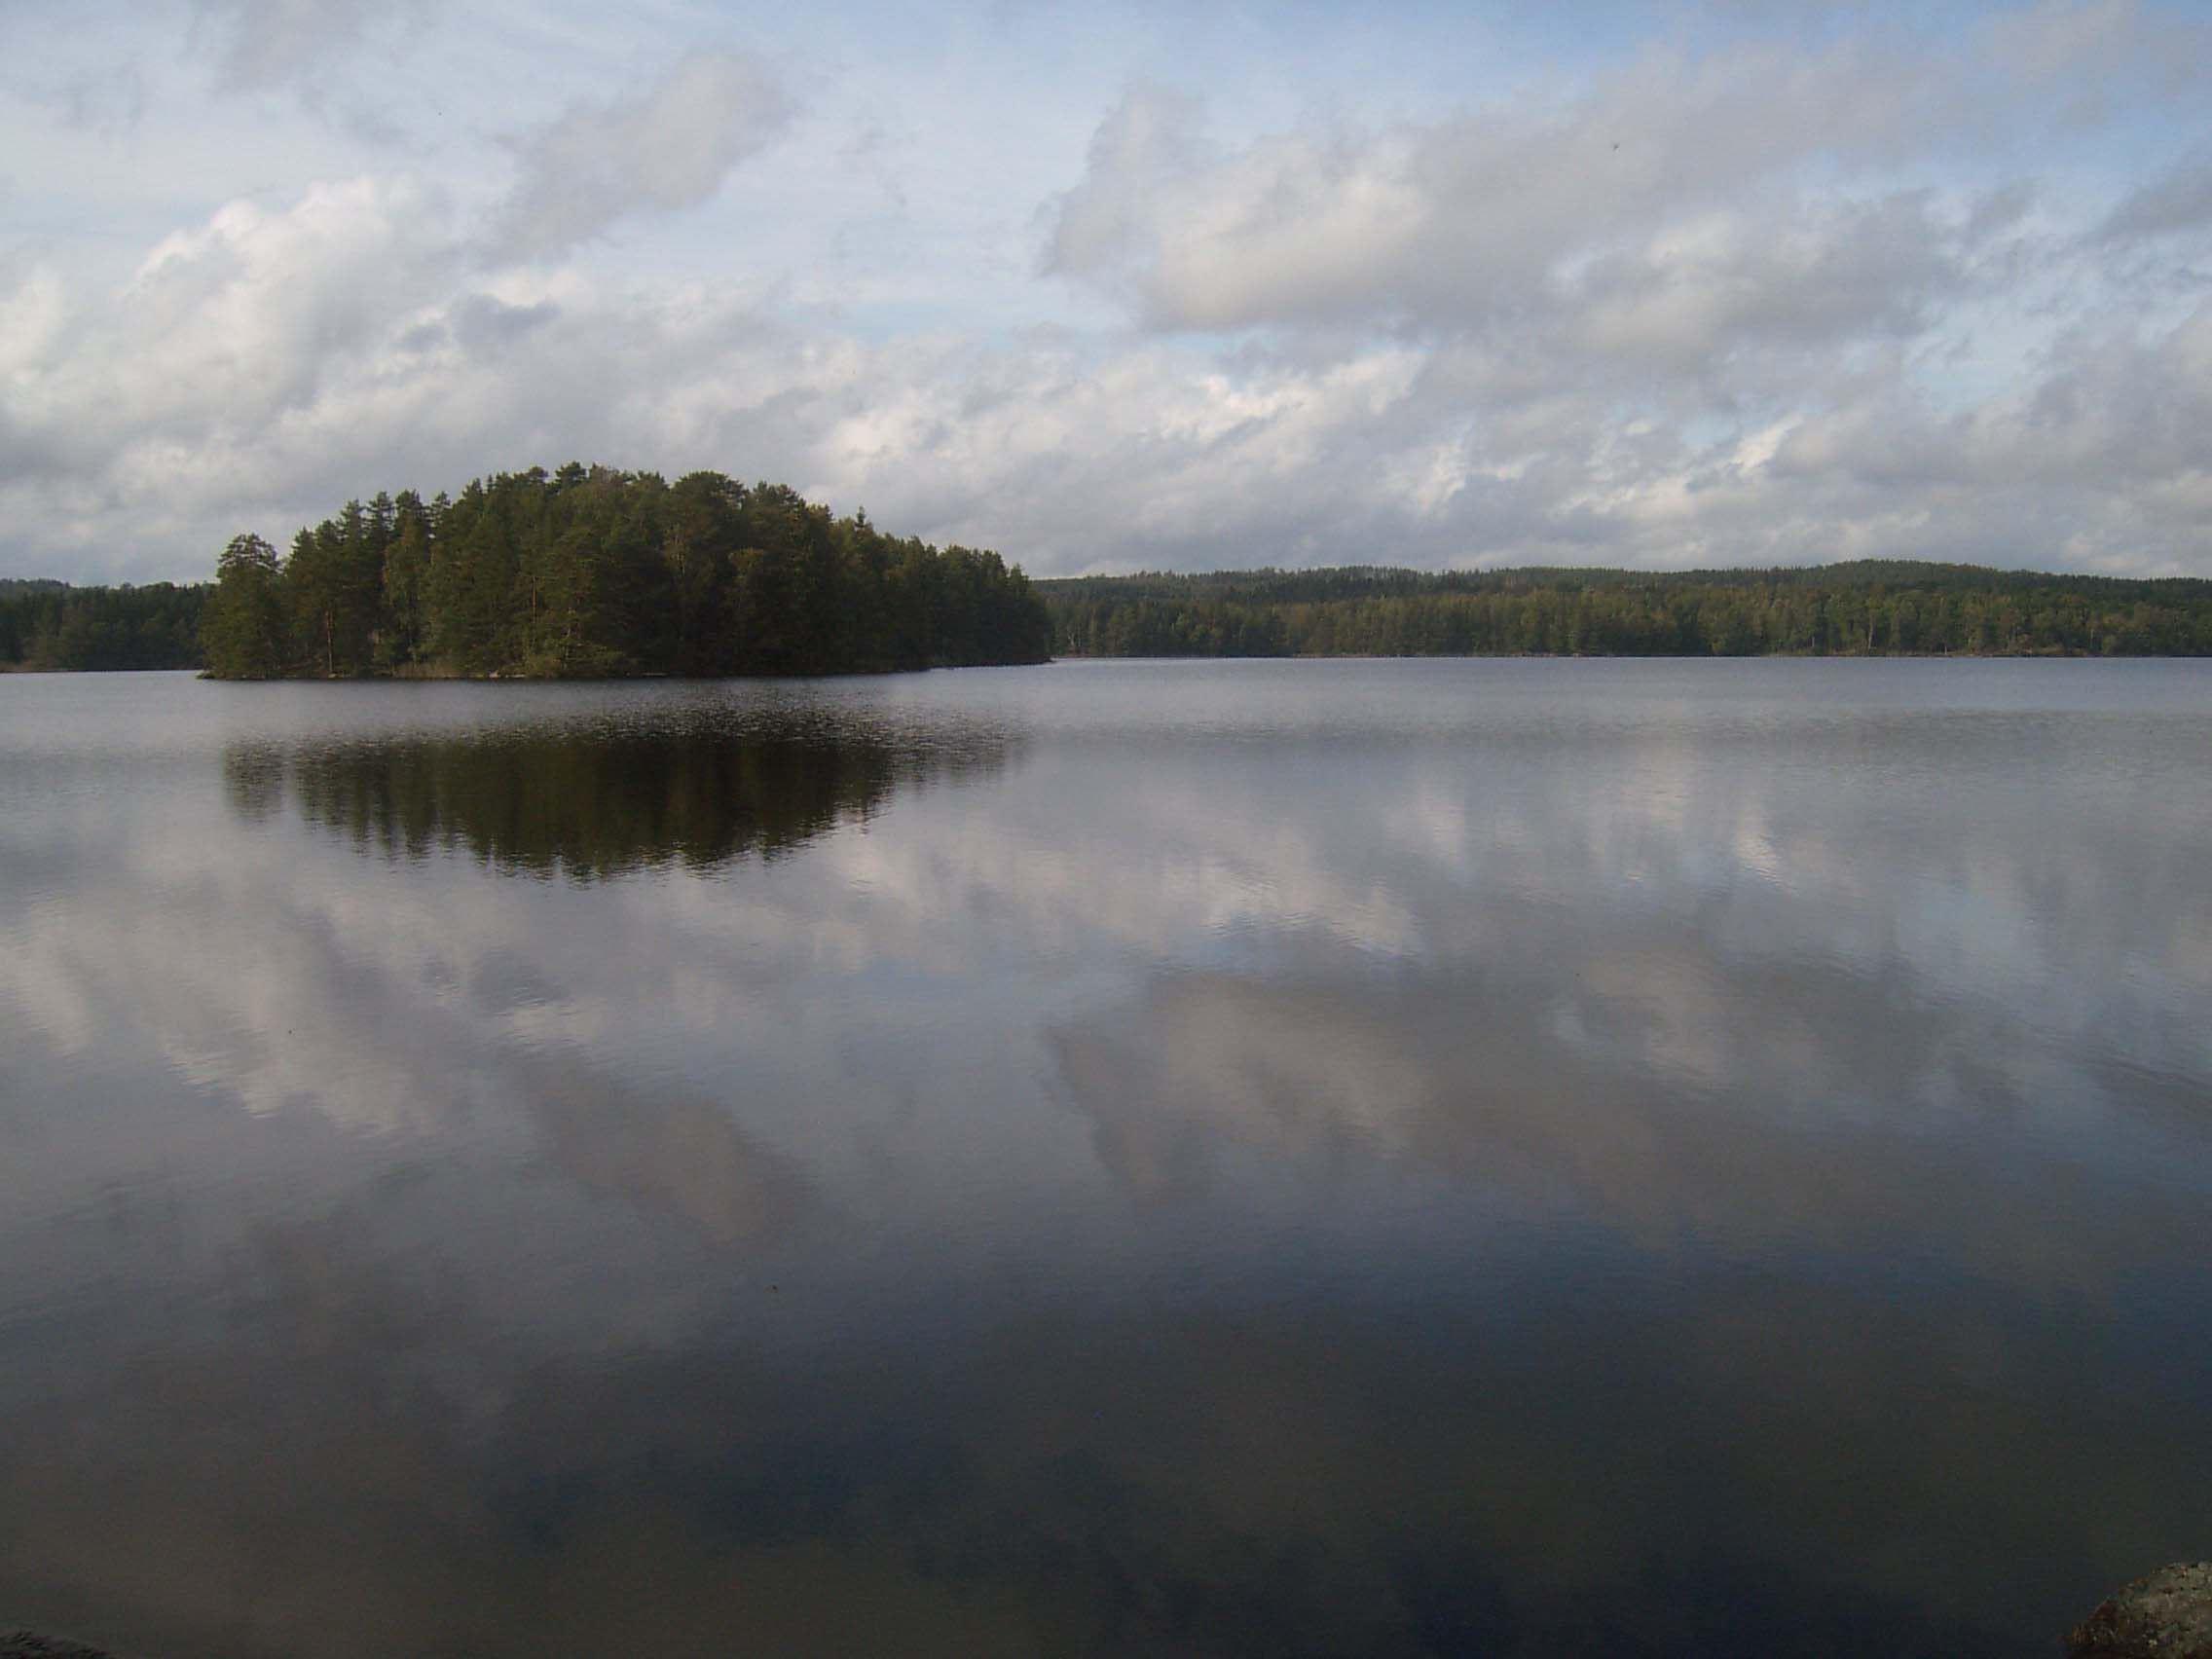 C-J Månsson, Virserumssjön, Virserum